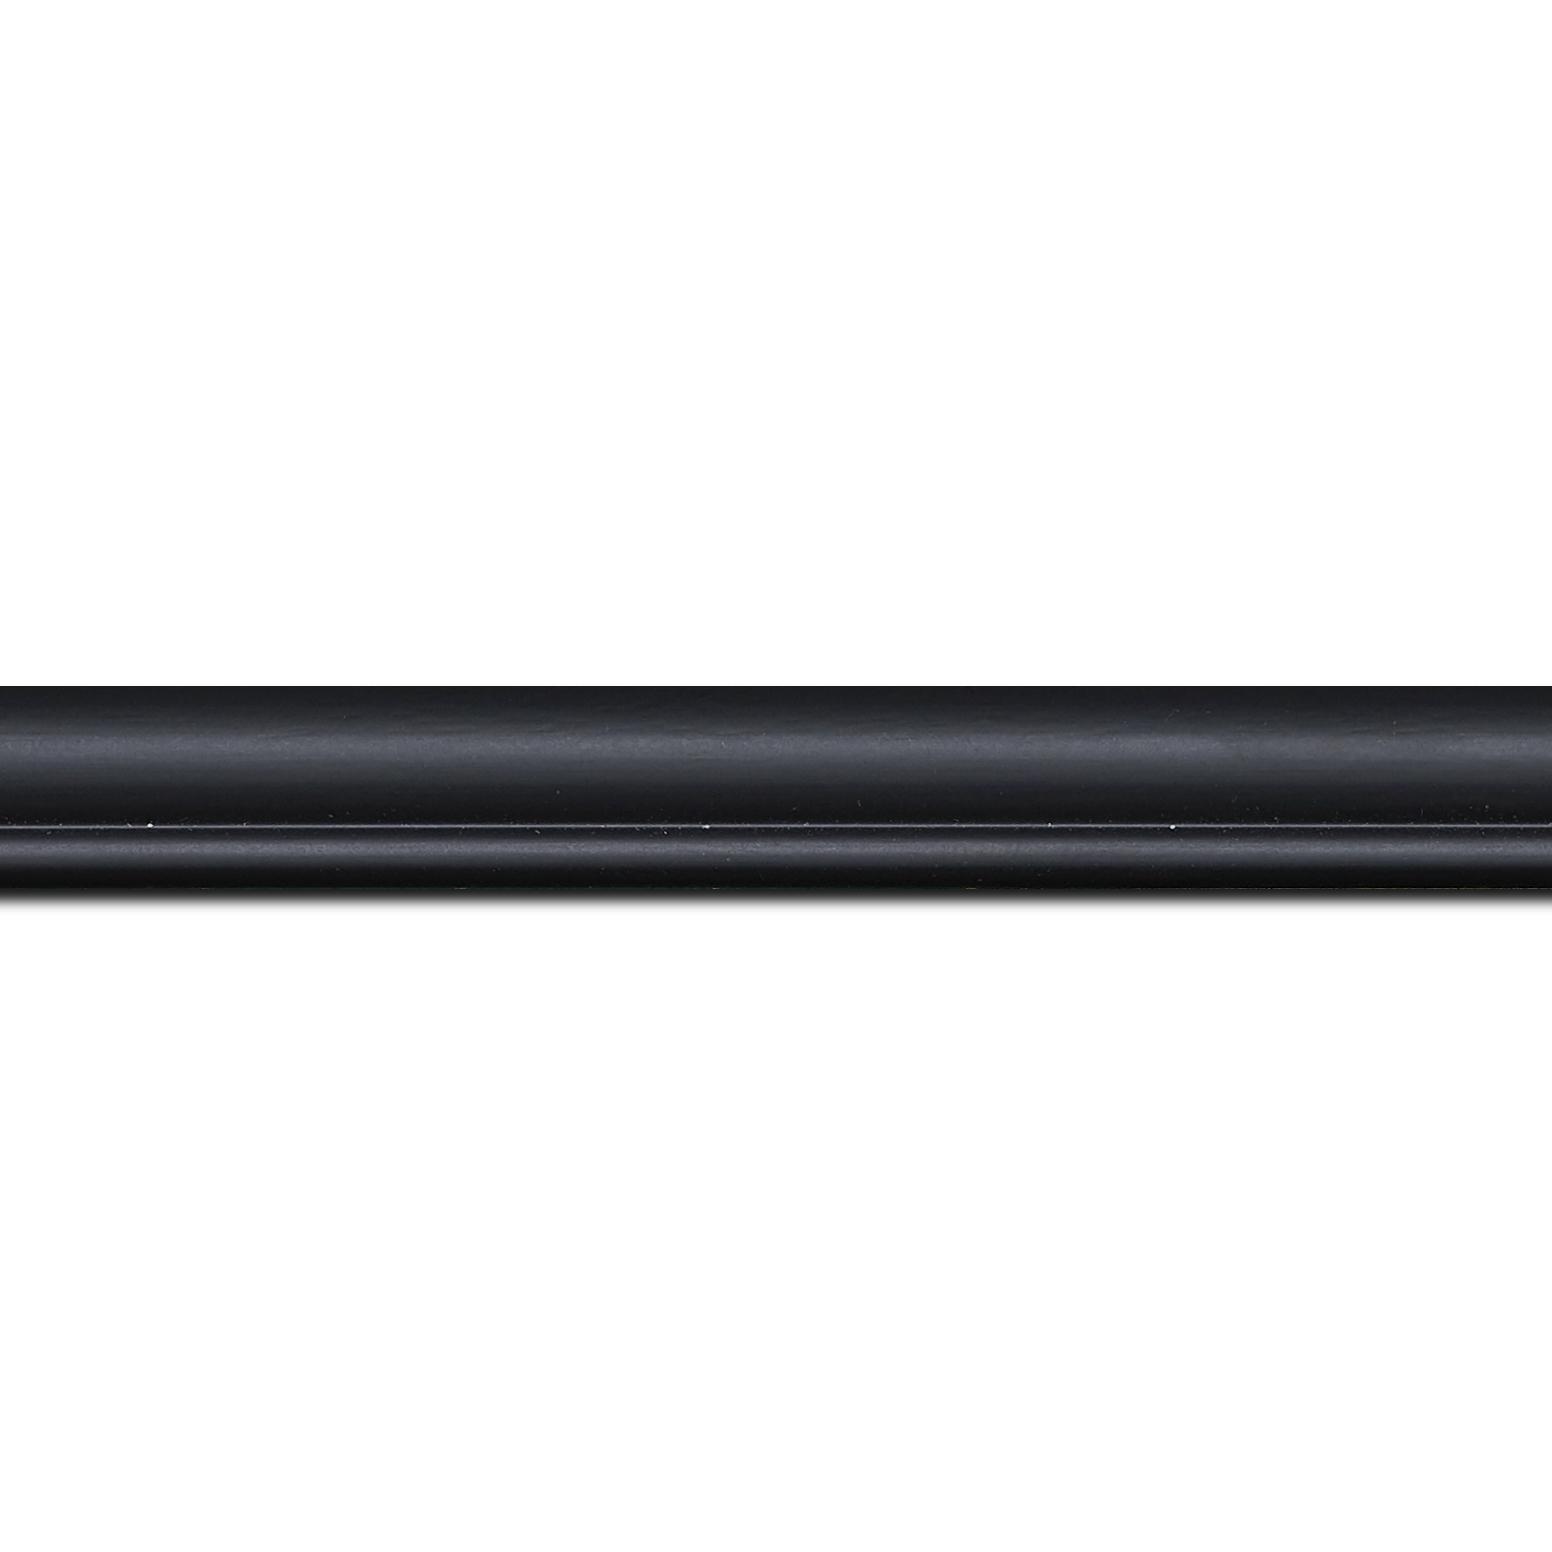 Baguette longueur 1.40m bois profil arrondi largeur 2.1cm couleur noir mat filet noir